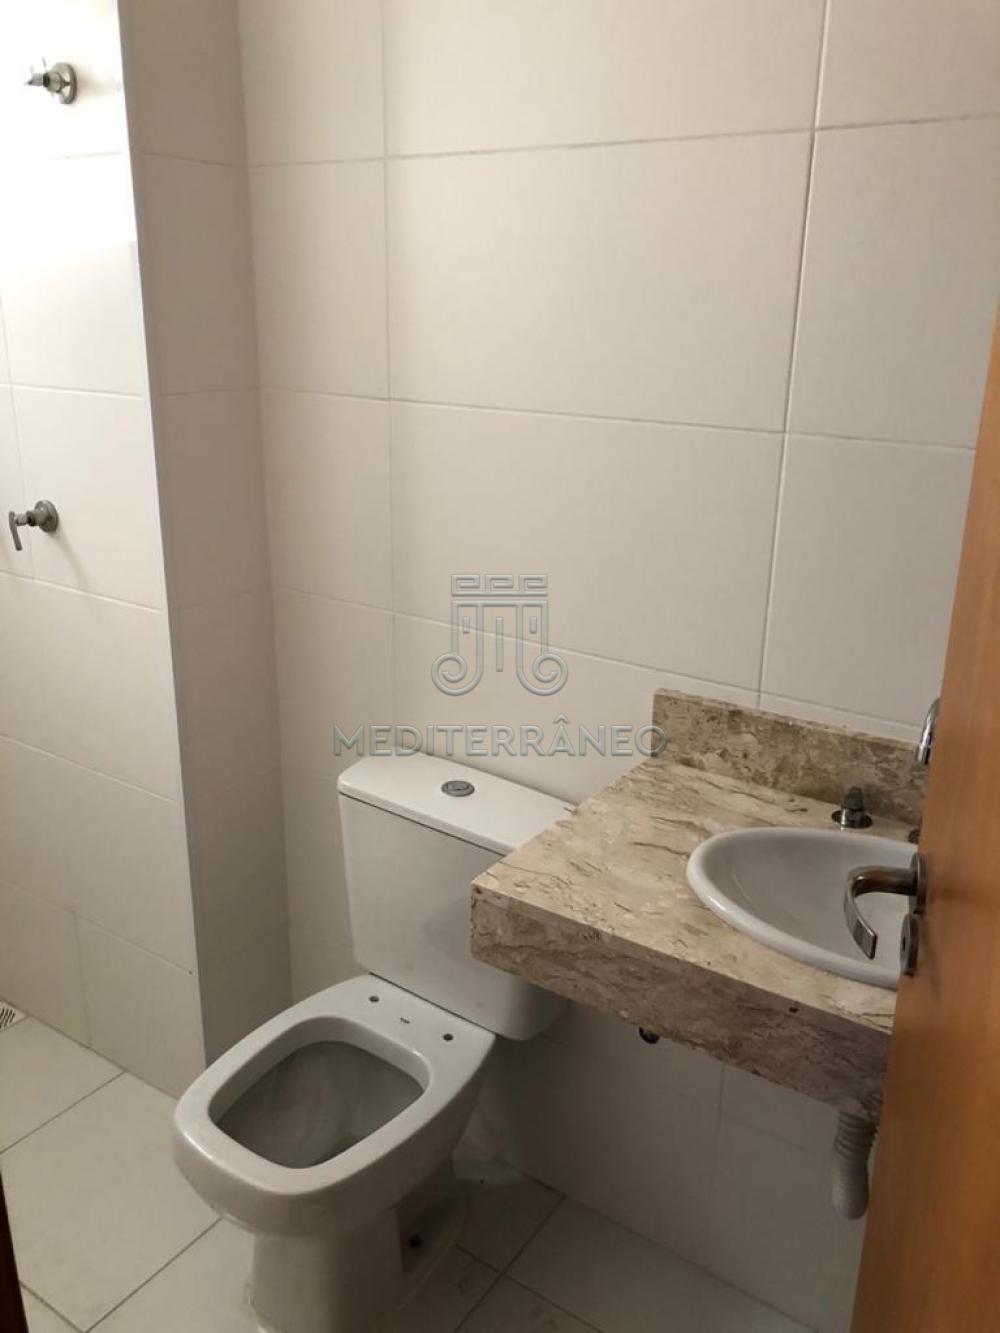 Comprar Apartamento / Padrão em Jundiaí apenas R$ 650.000,00 - Foto 5